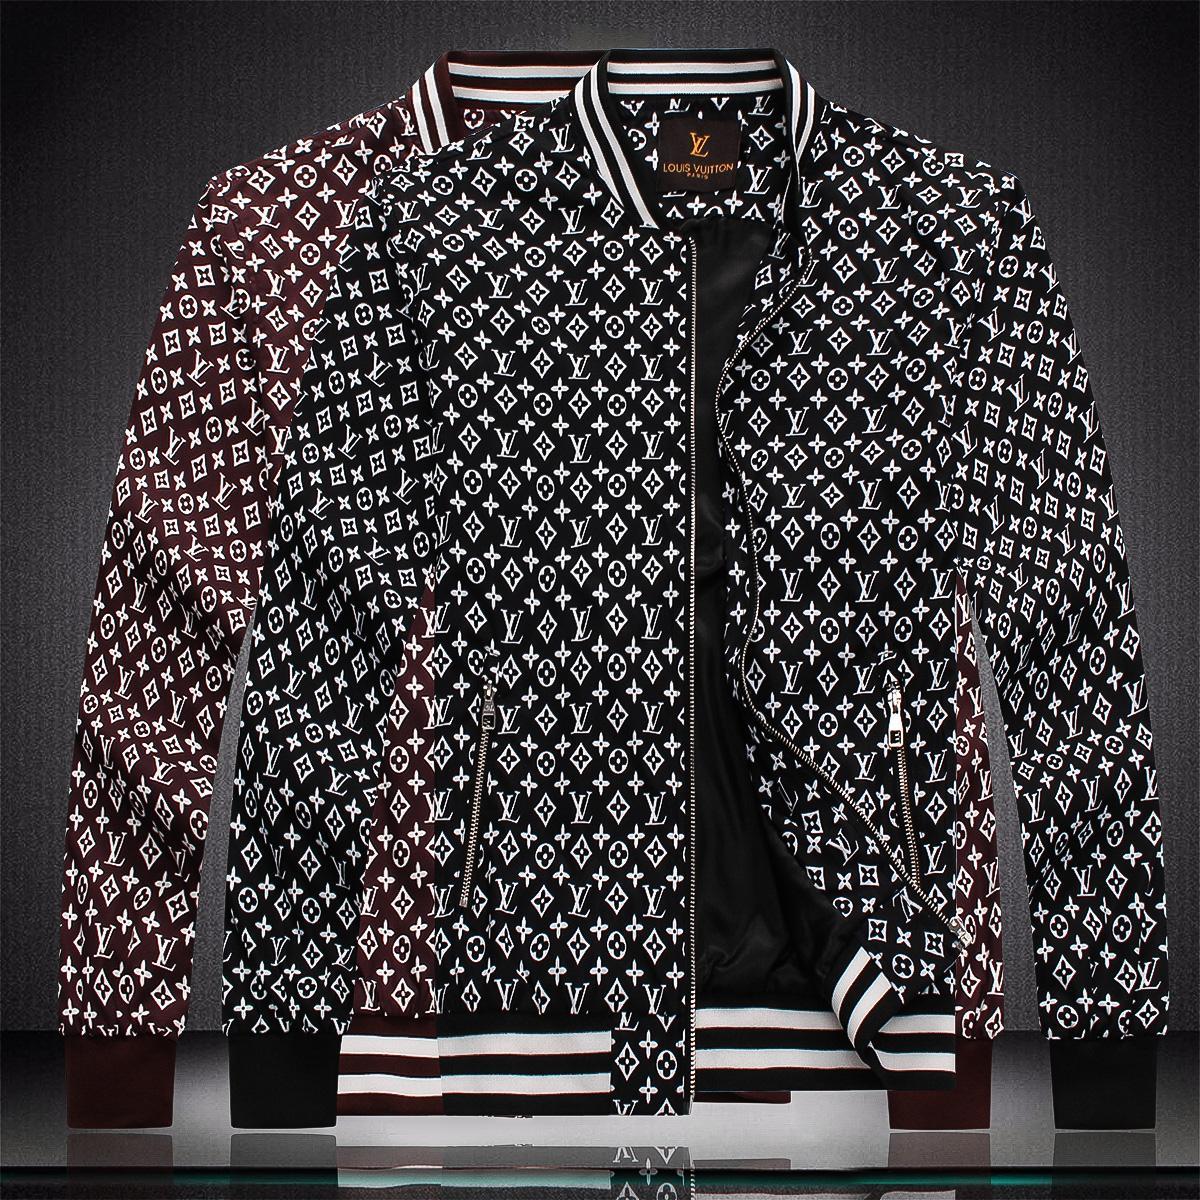 2019 hombres de las chaquetas y abrigos de moda de lana gruesos calientes del dril de algodón de la chaqueta de la chaqueta 2018 Jenn invierno Ropa de caballero del dril de algodón del tamaño extra grande